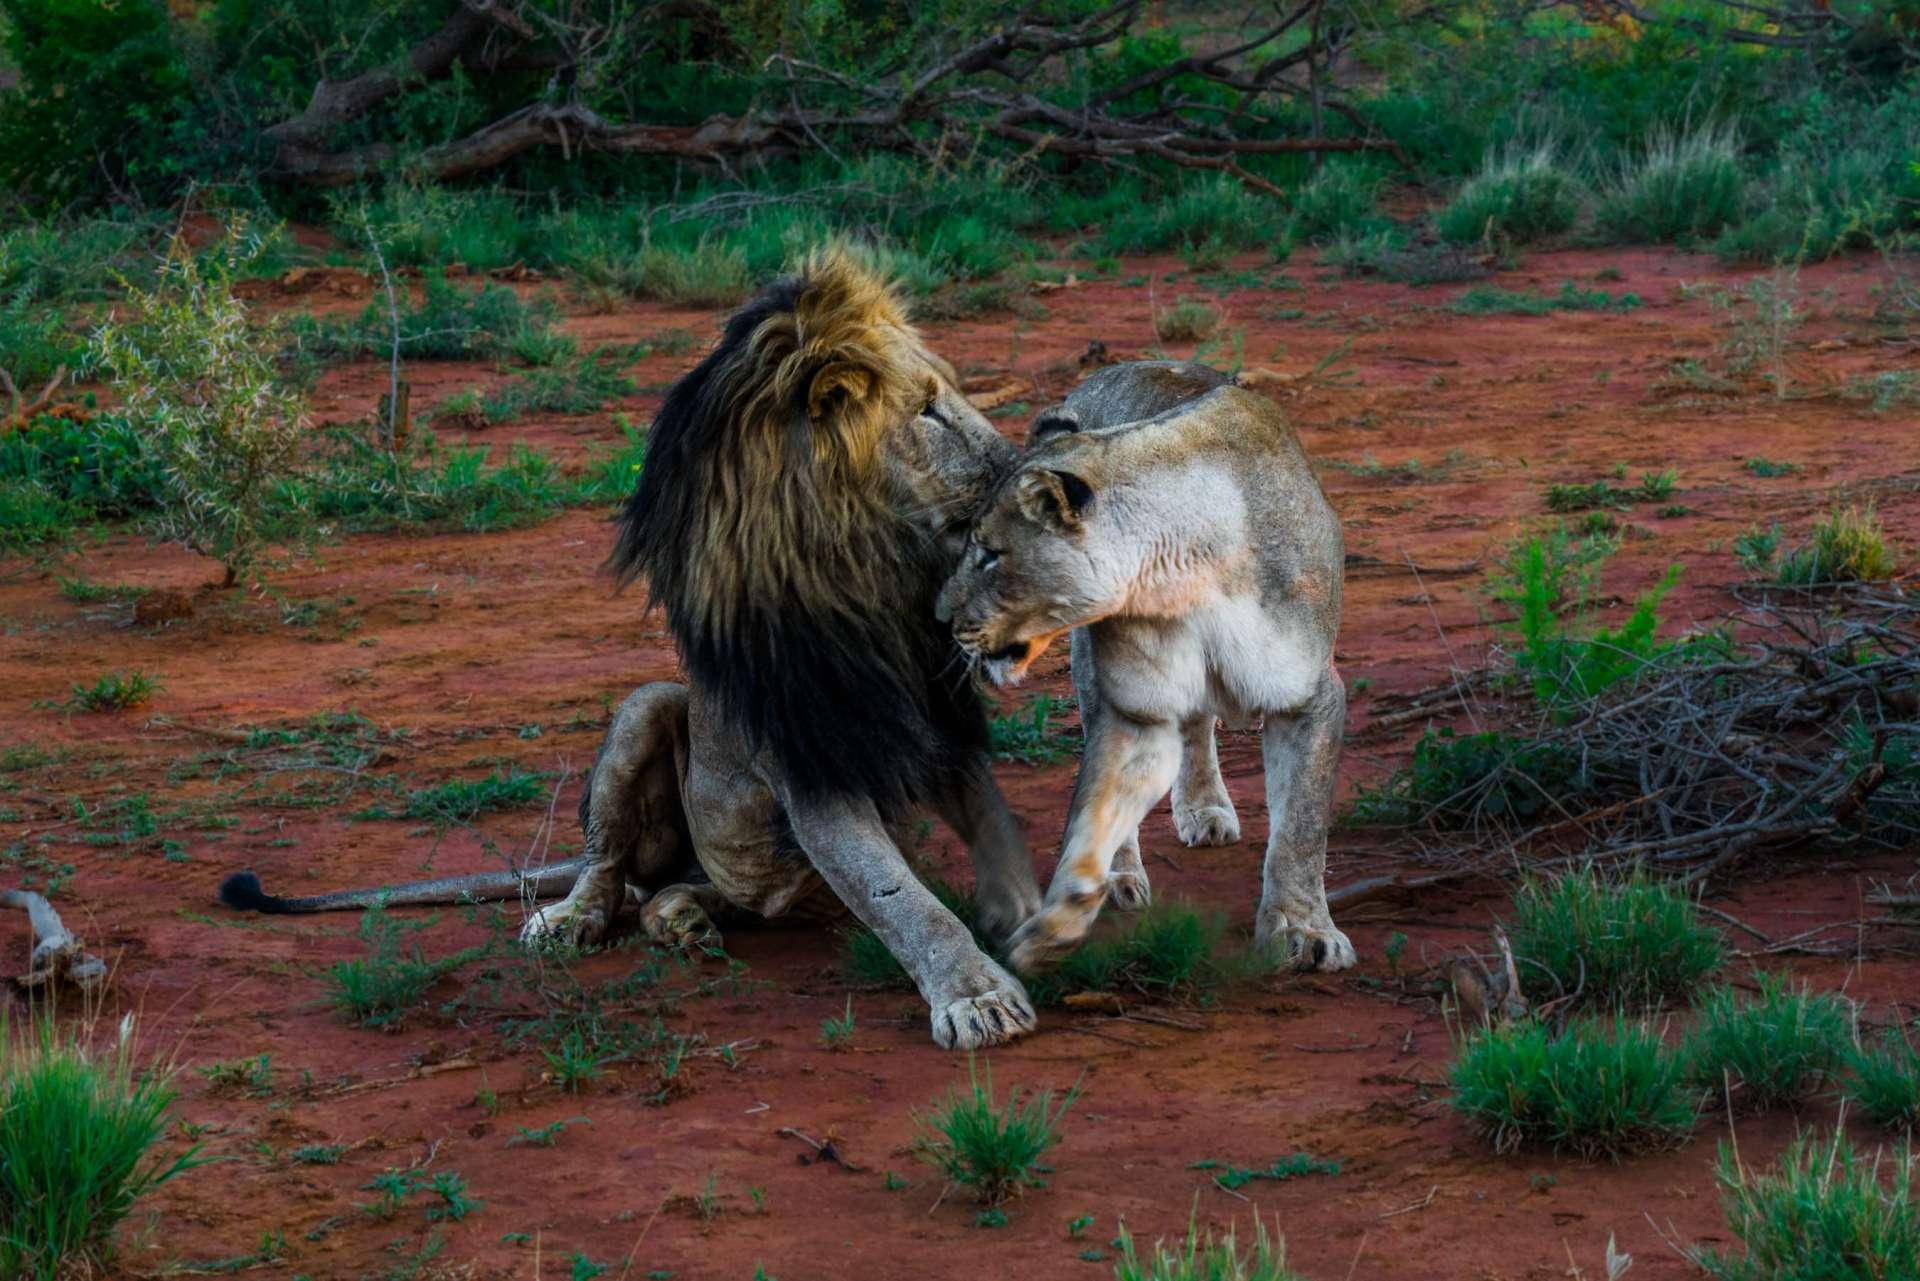 south africa madikwe safari pescart lion couple